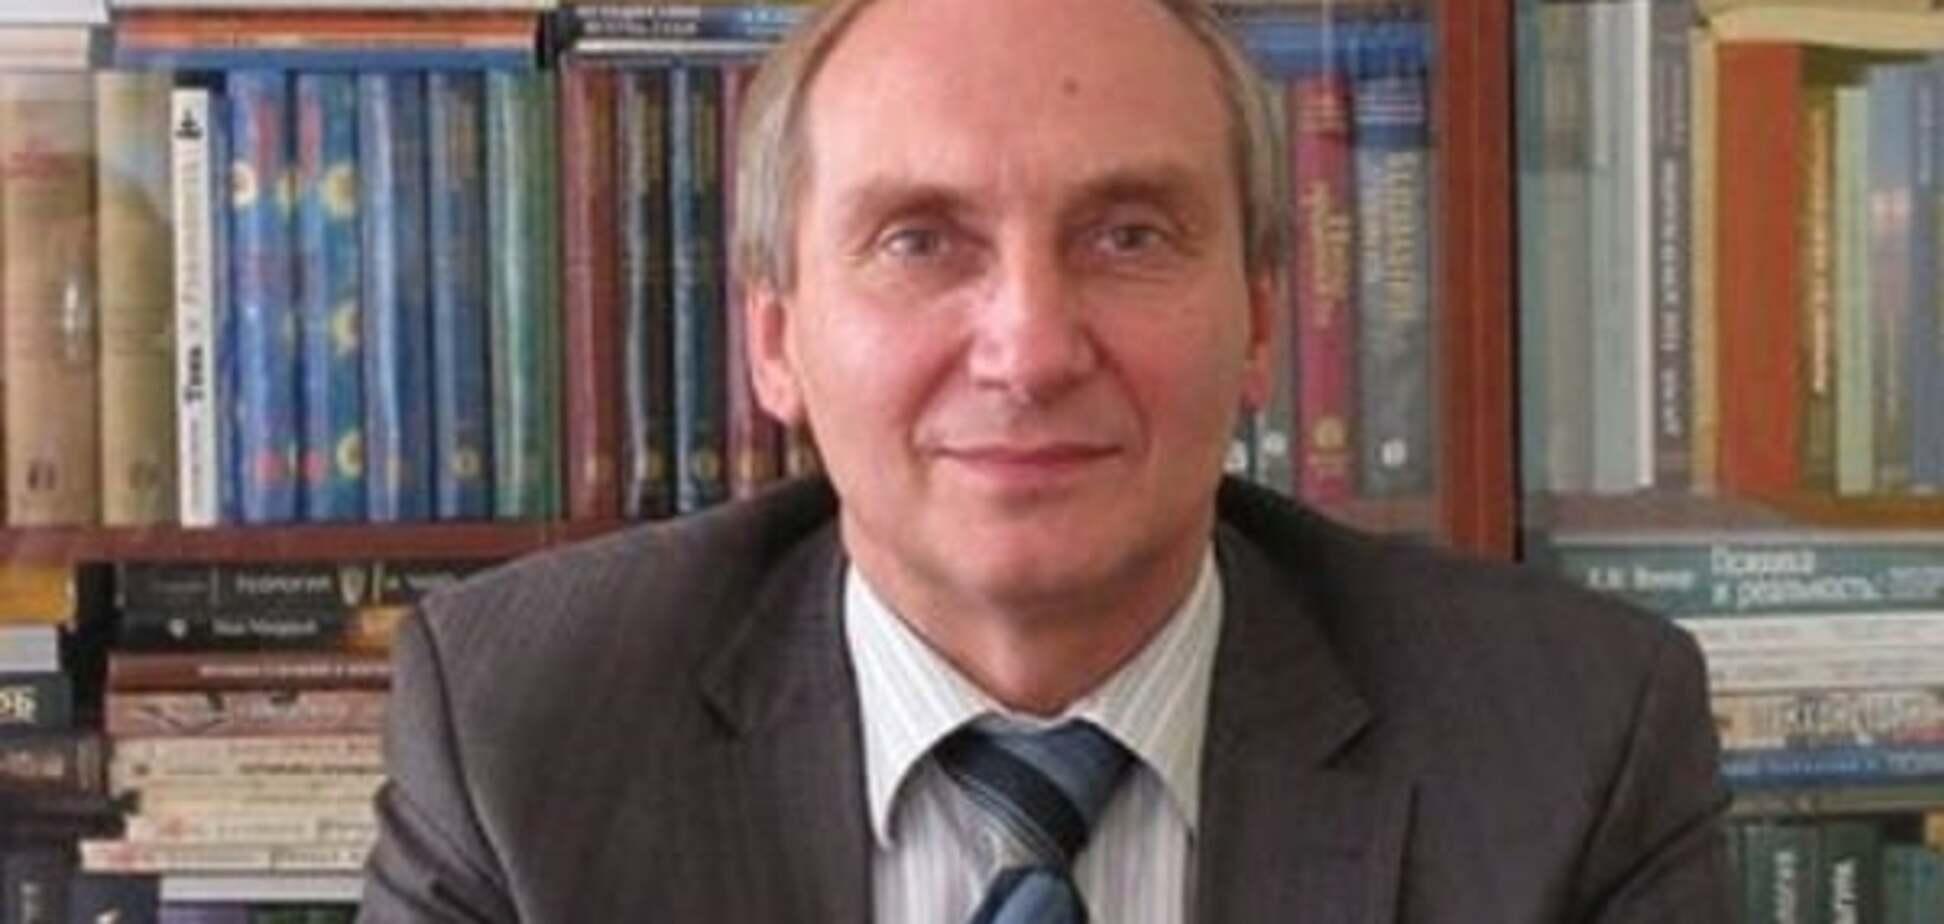 'Неправильно' писал: обнародованы подробности похищения ученого террористами 'ДНР'